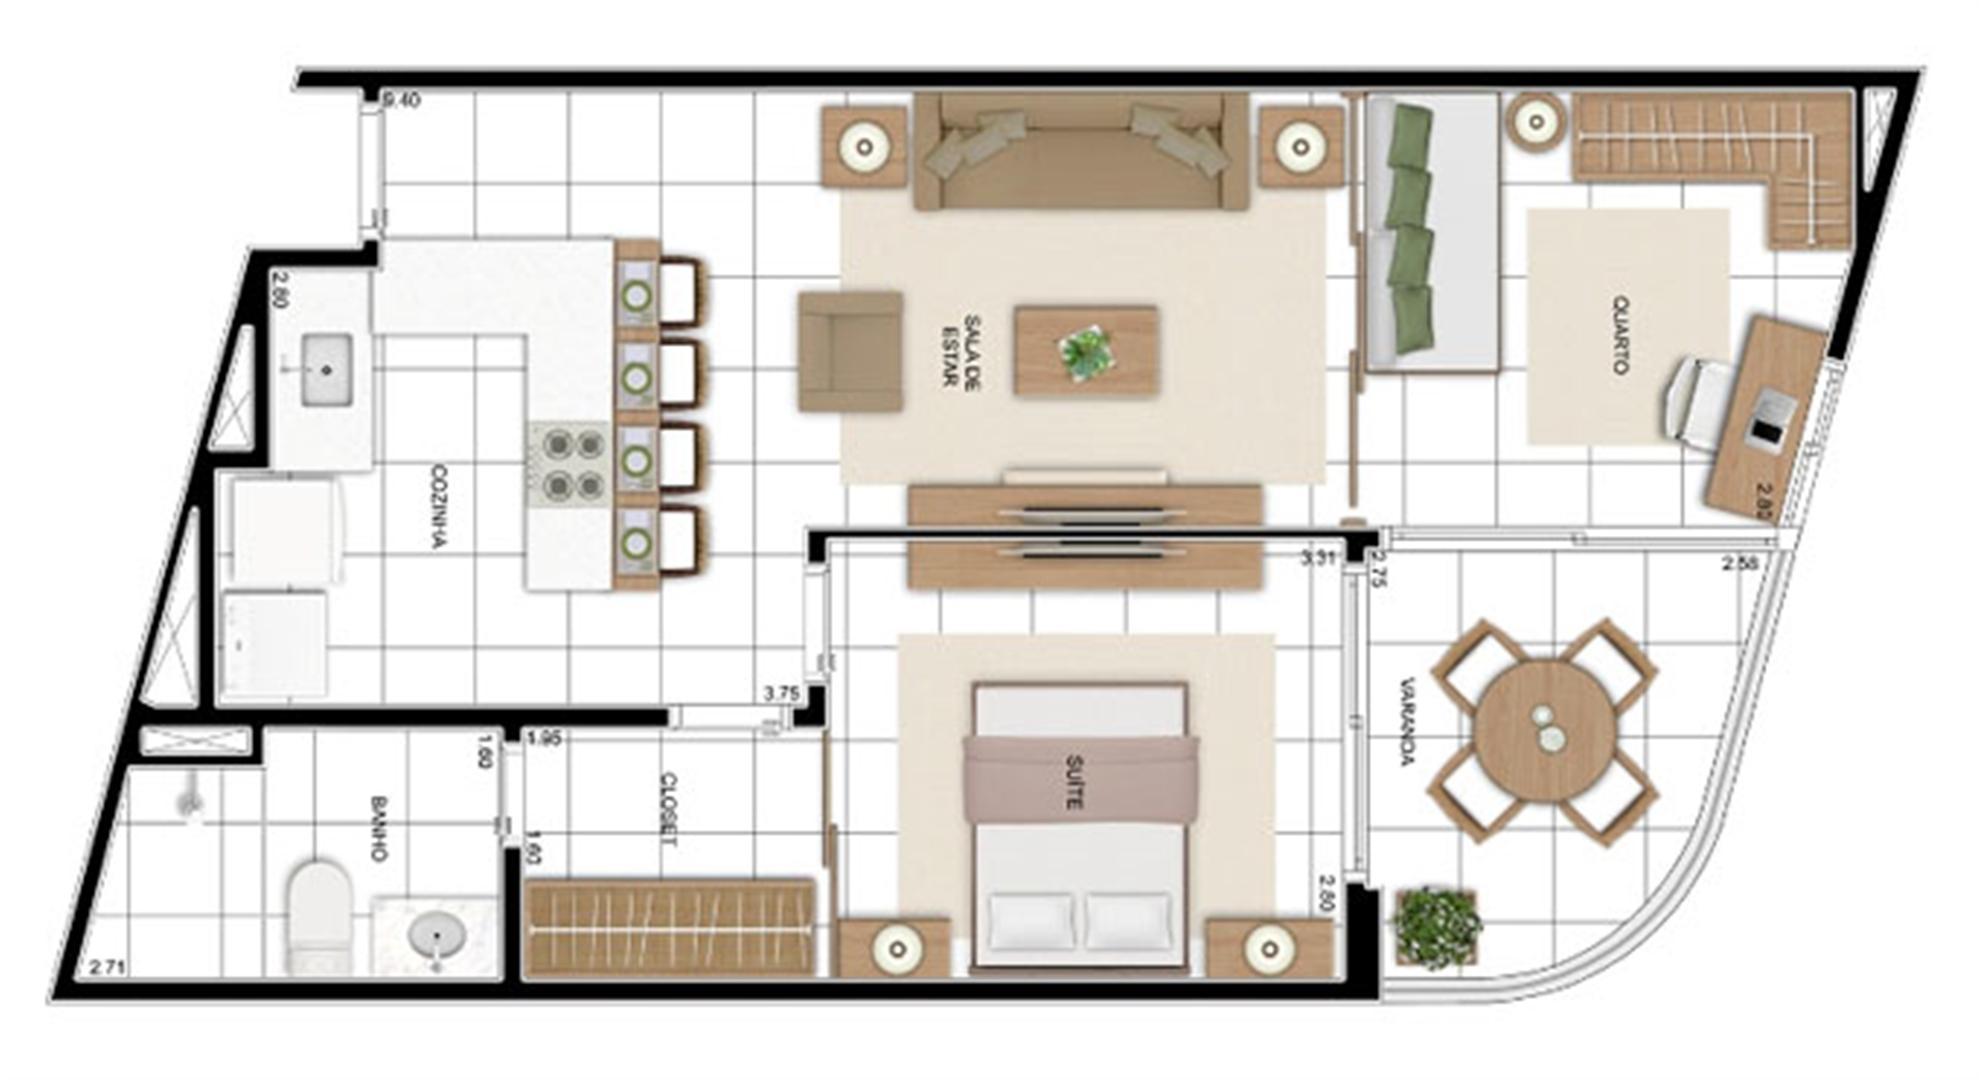 PLANTA - APTO TIPO C2 - 59 m²  | In Mare Bali – Apartamento no  Distrito Litoral de Cotovelo - Parnamirim - Rio Grande do Norte